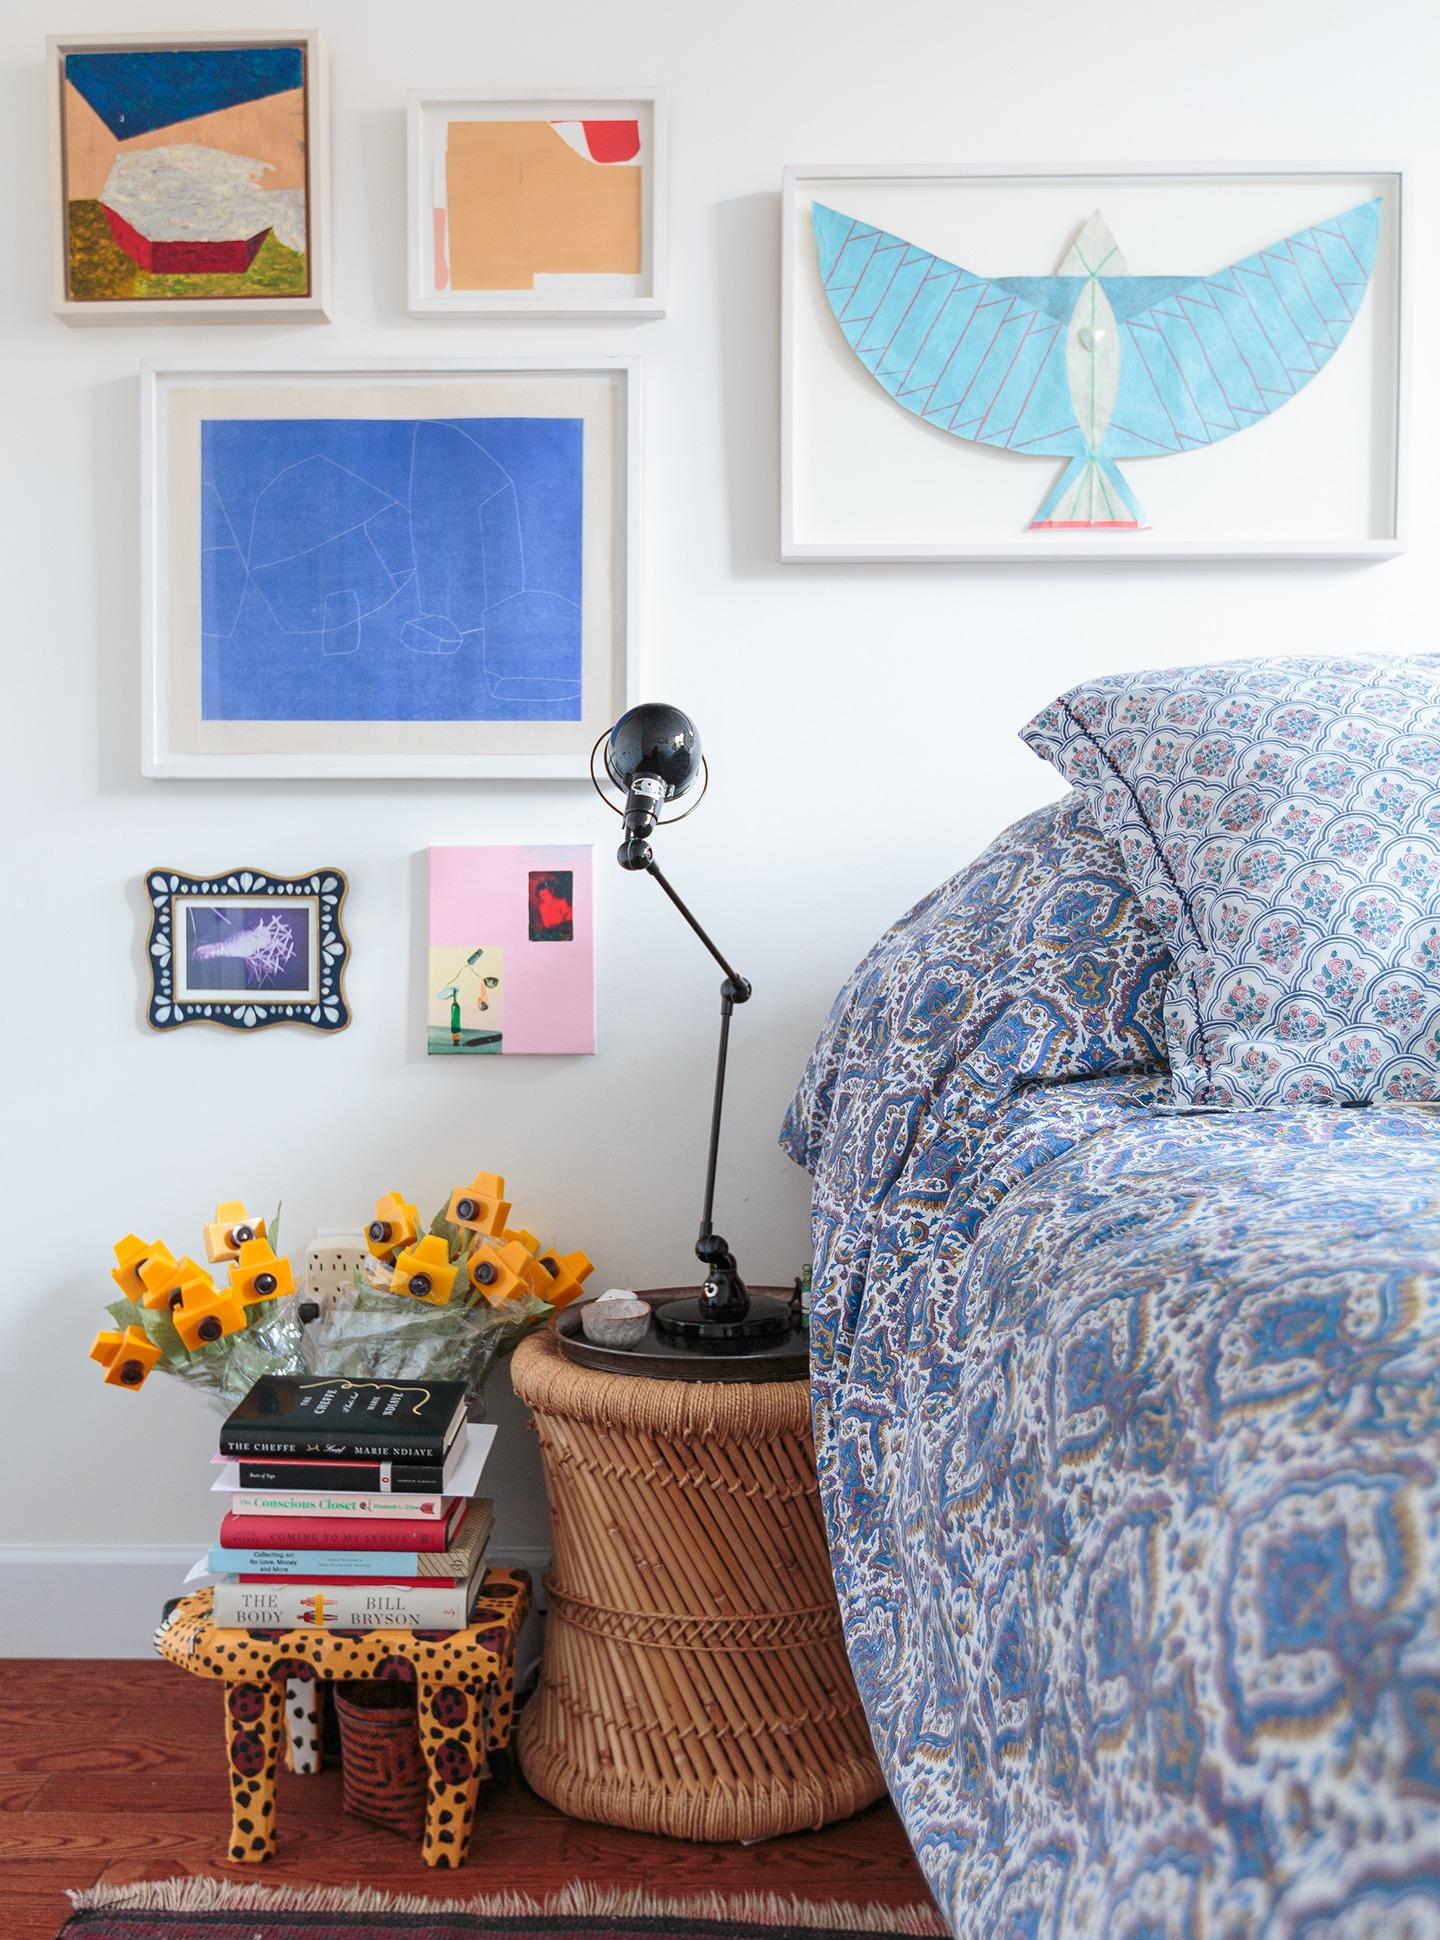 Gisela ap deecoração quarto com muitos quadros e banquinho de madeira